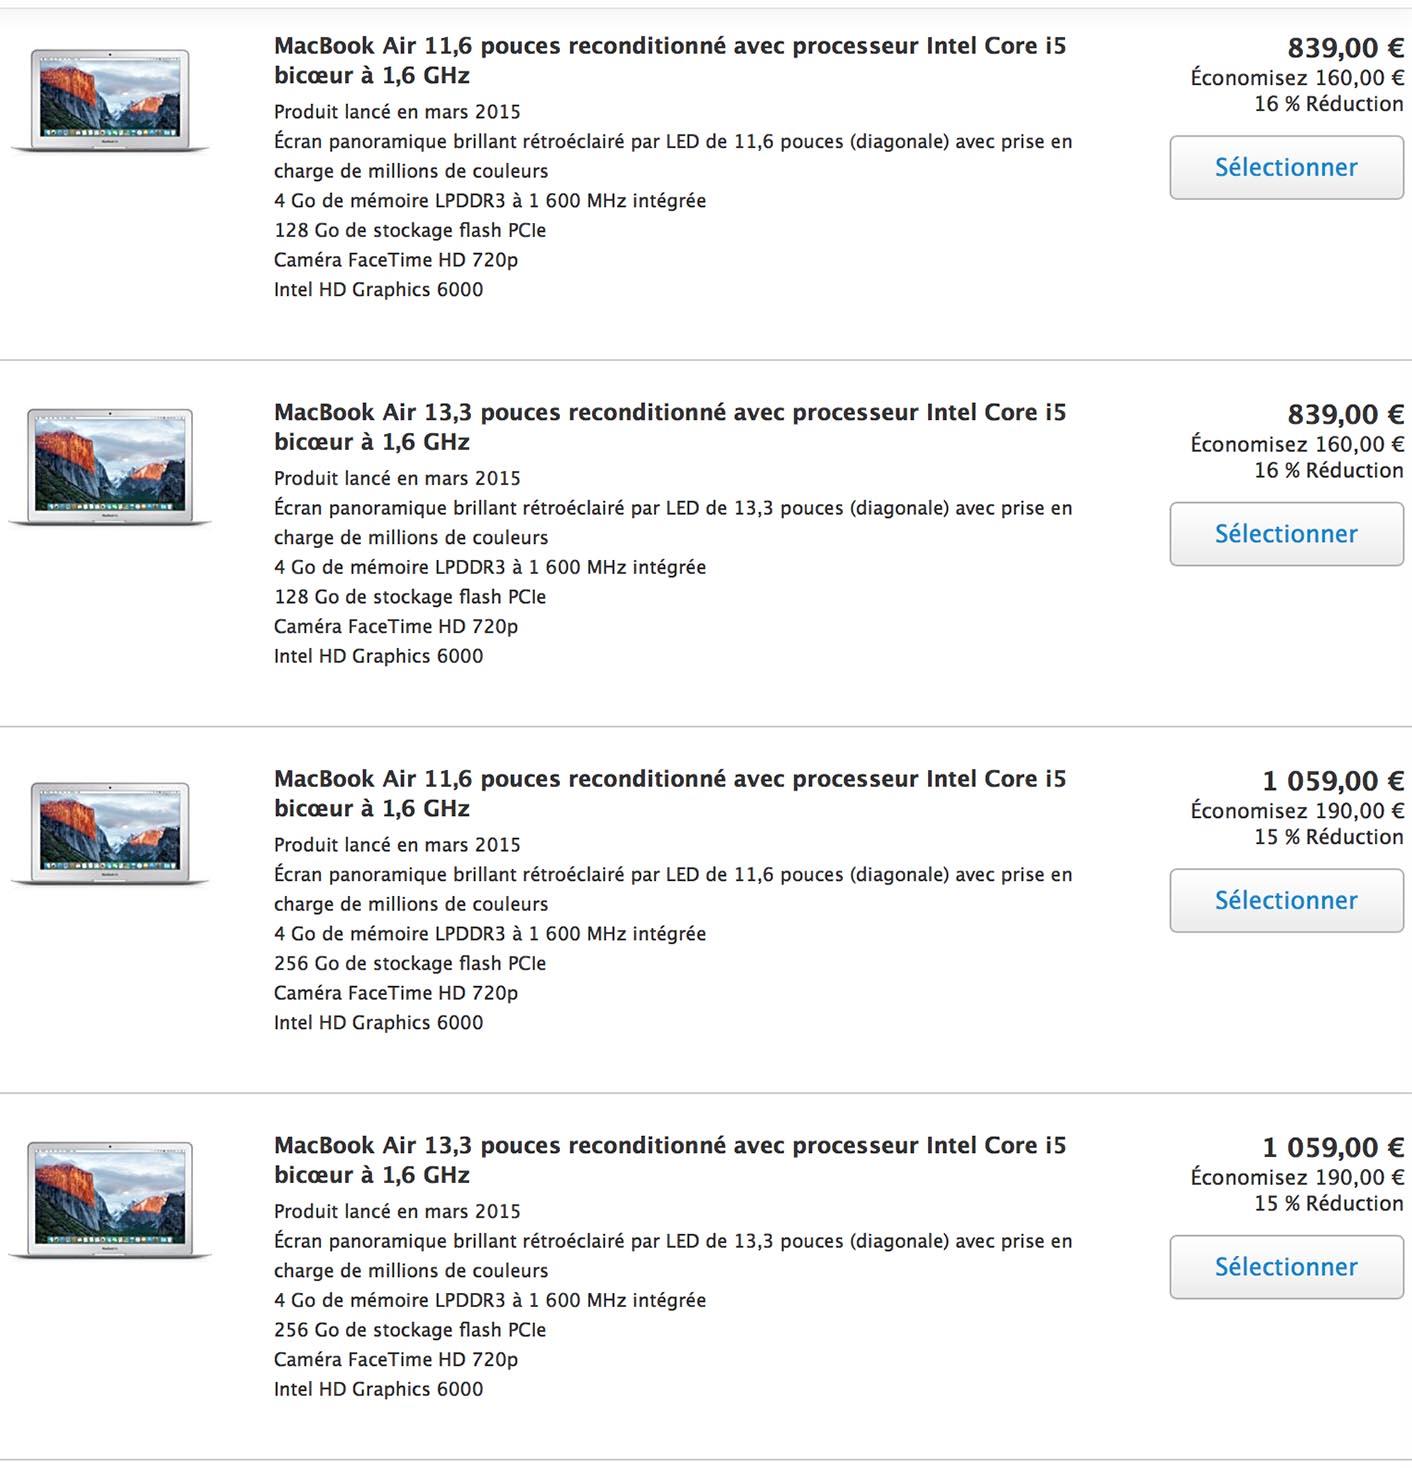 consomac prix en baisse pour le macbook air 13 3 39 39 sur le refurb. Black Bedroom Furniture Sets. Home Design Ideas